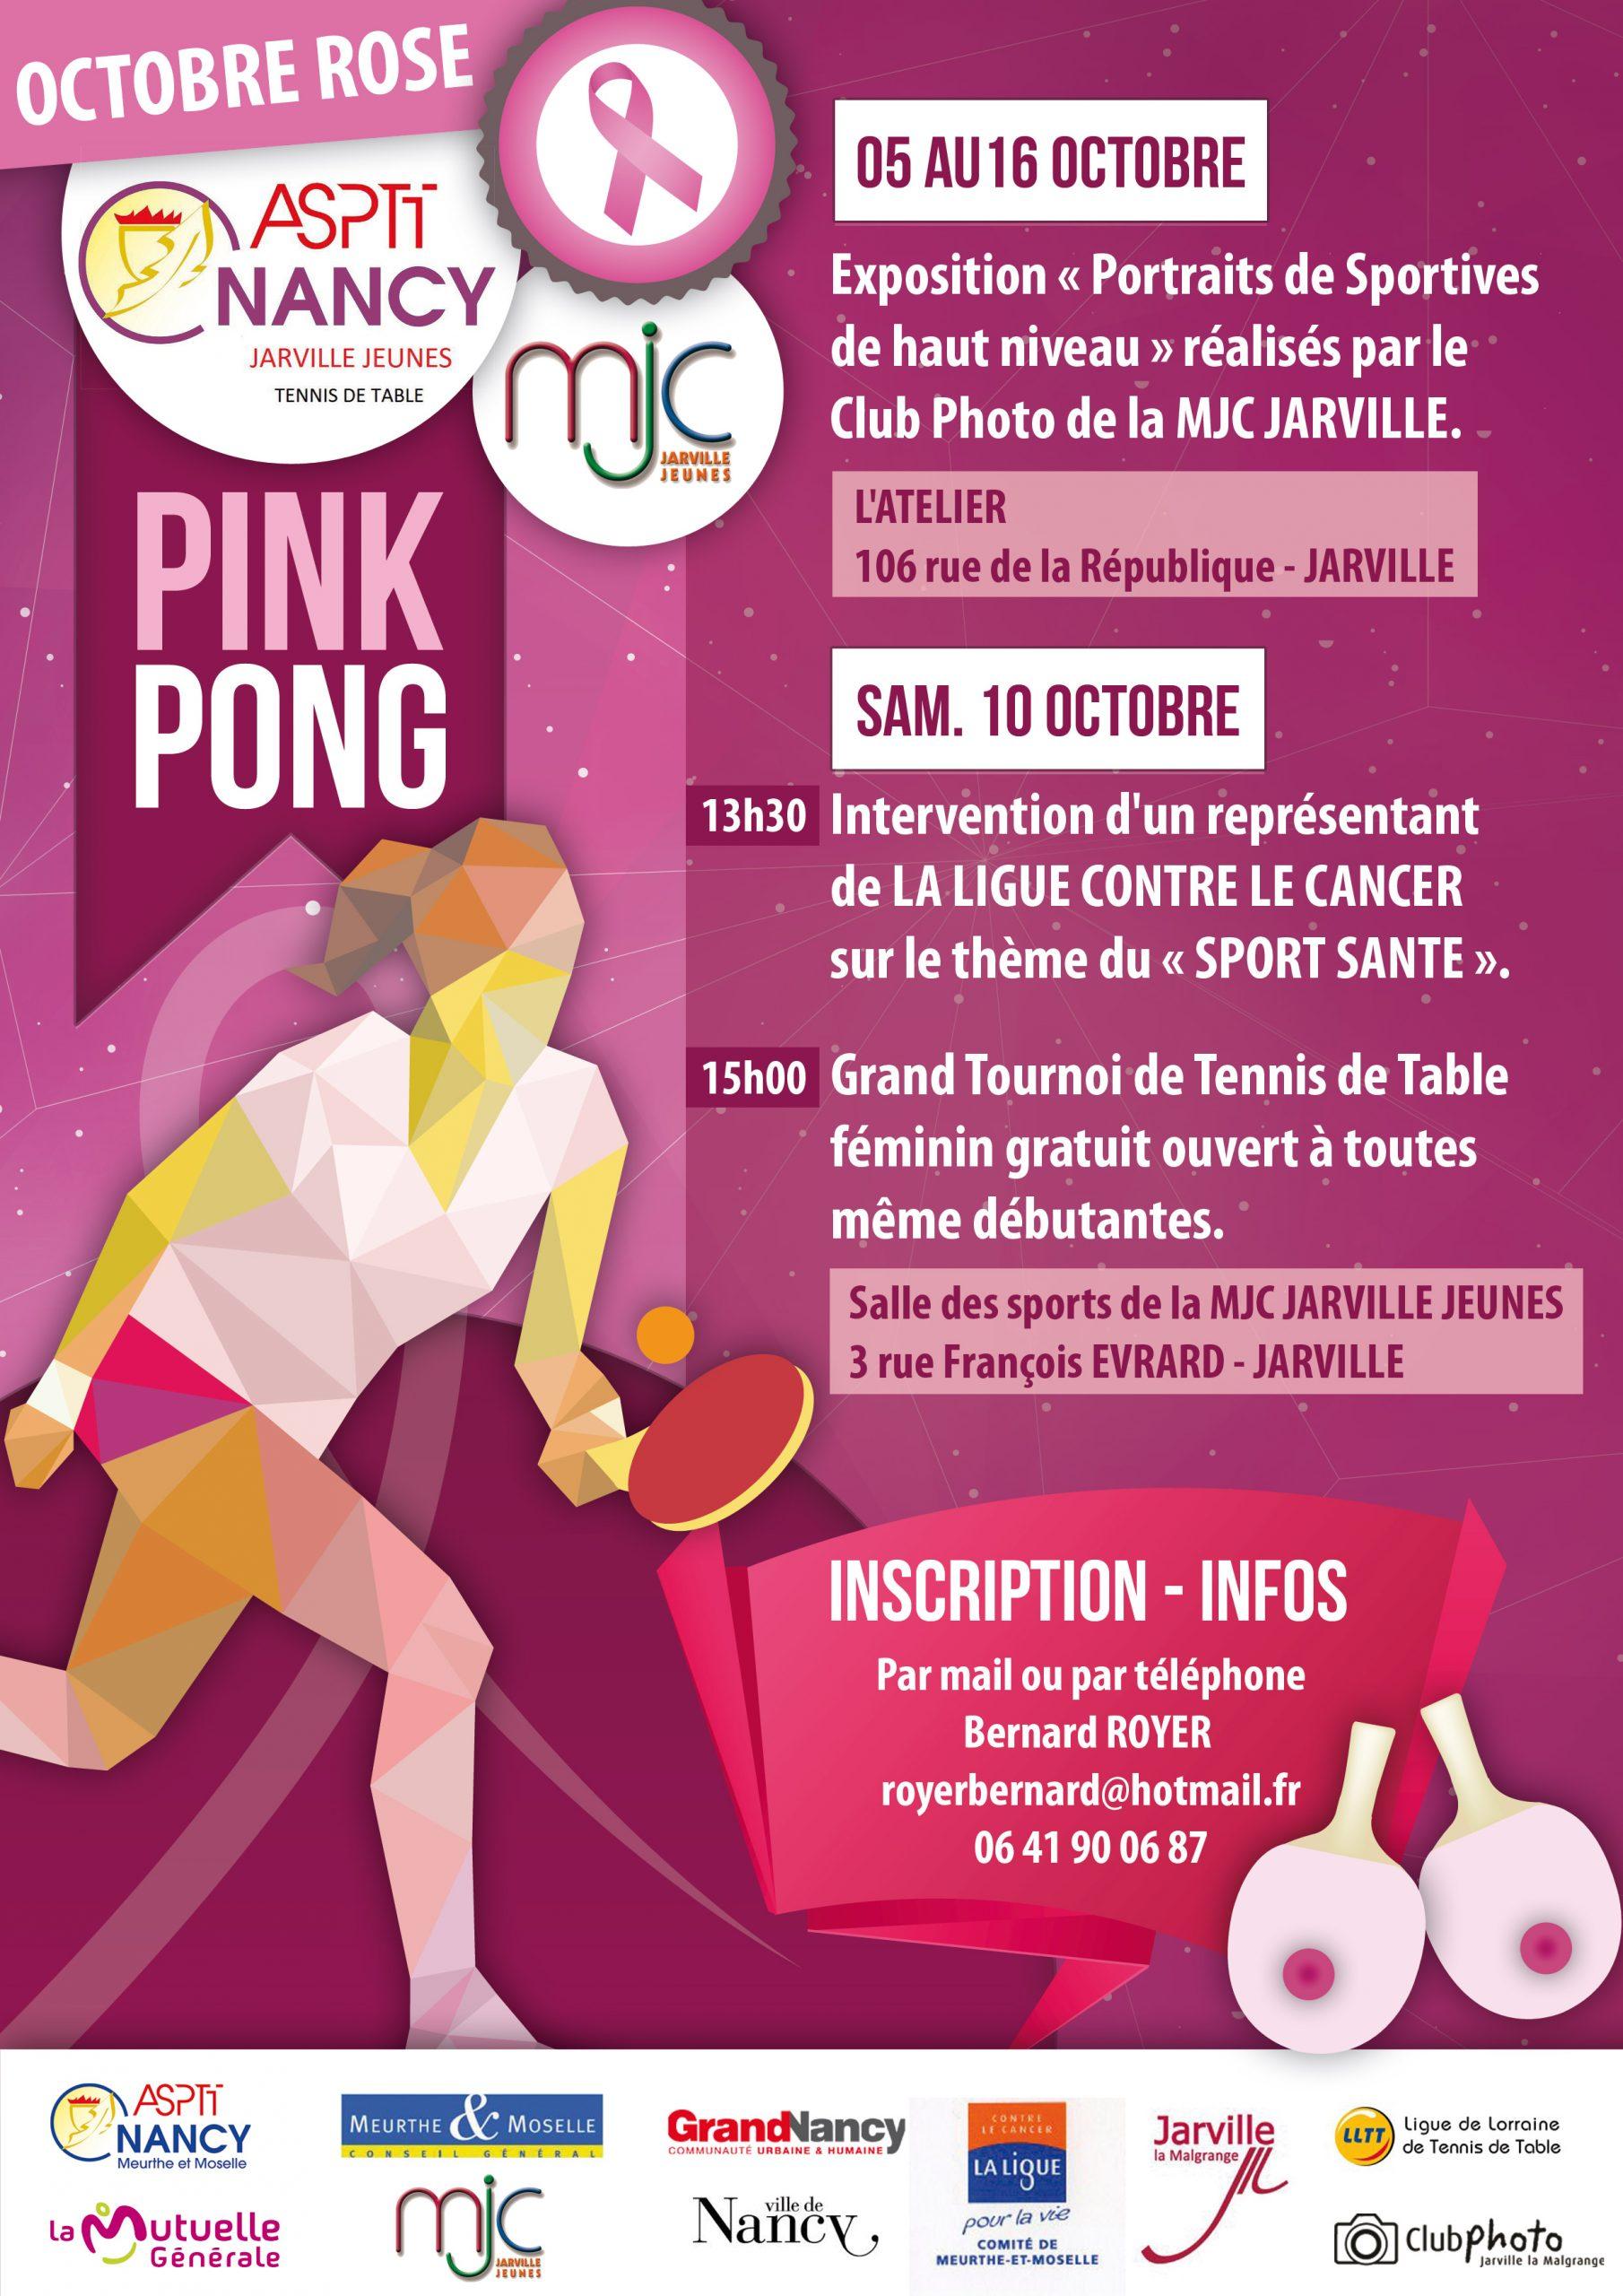 Affiche Octobre Rose Pink Pong